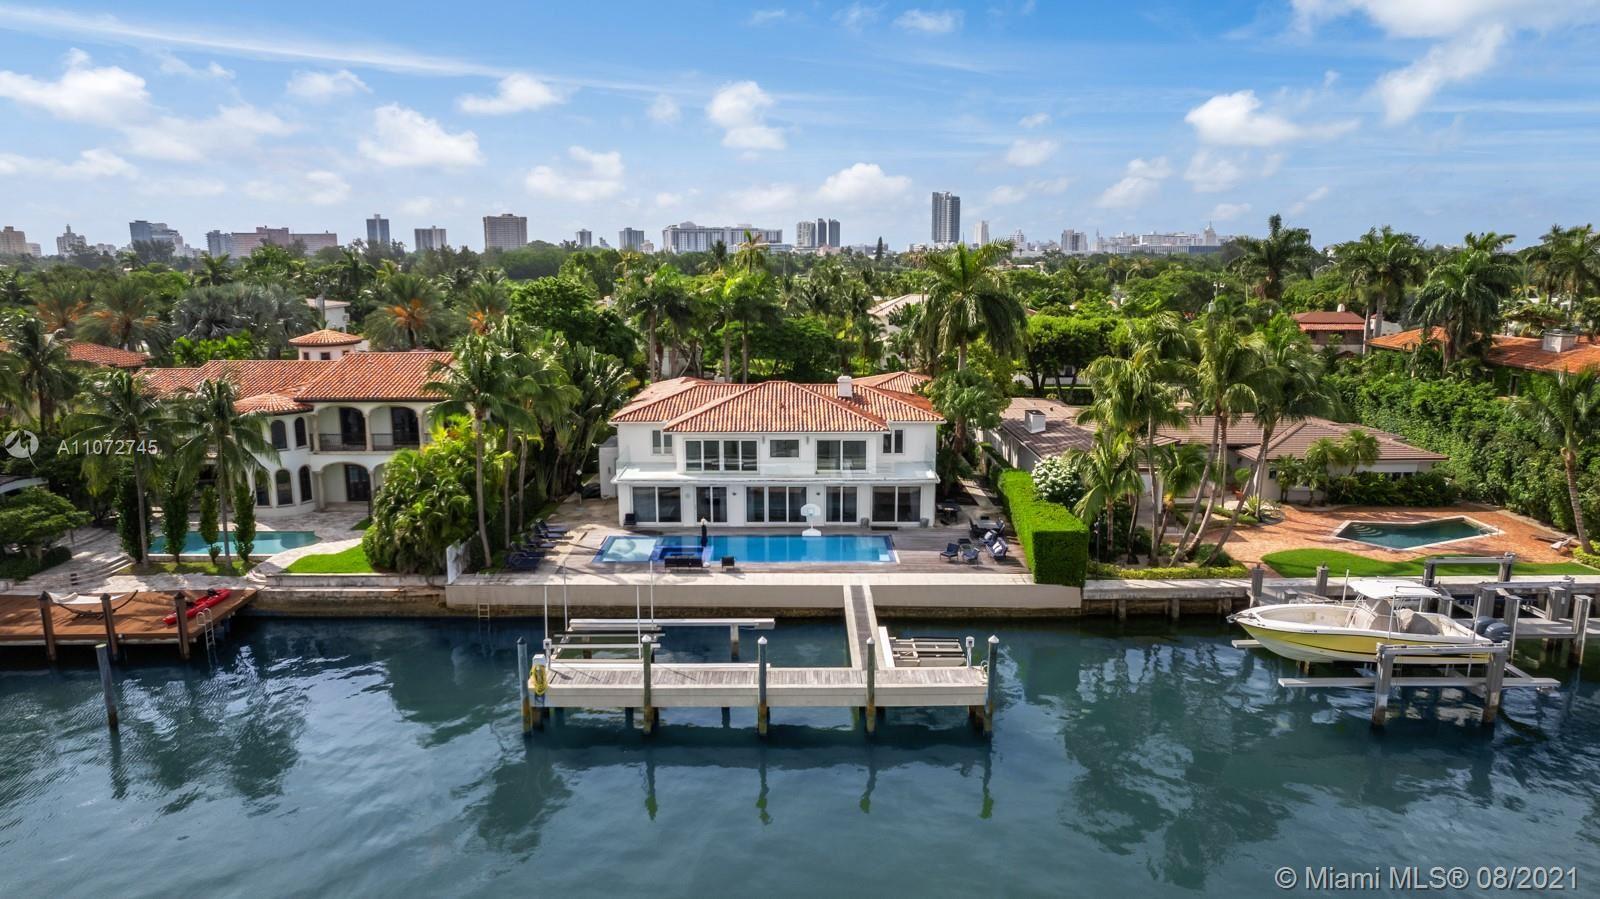 3026 N Bay Rd, Miami Beach, FL 33140 - #: A11072745